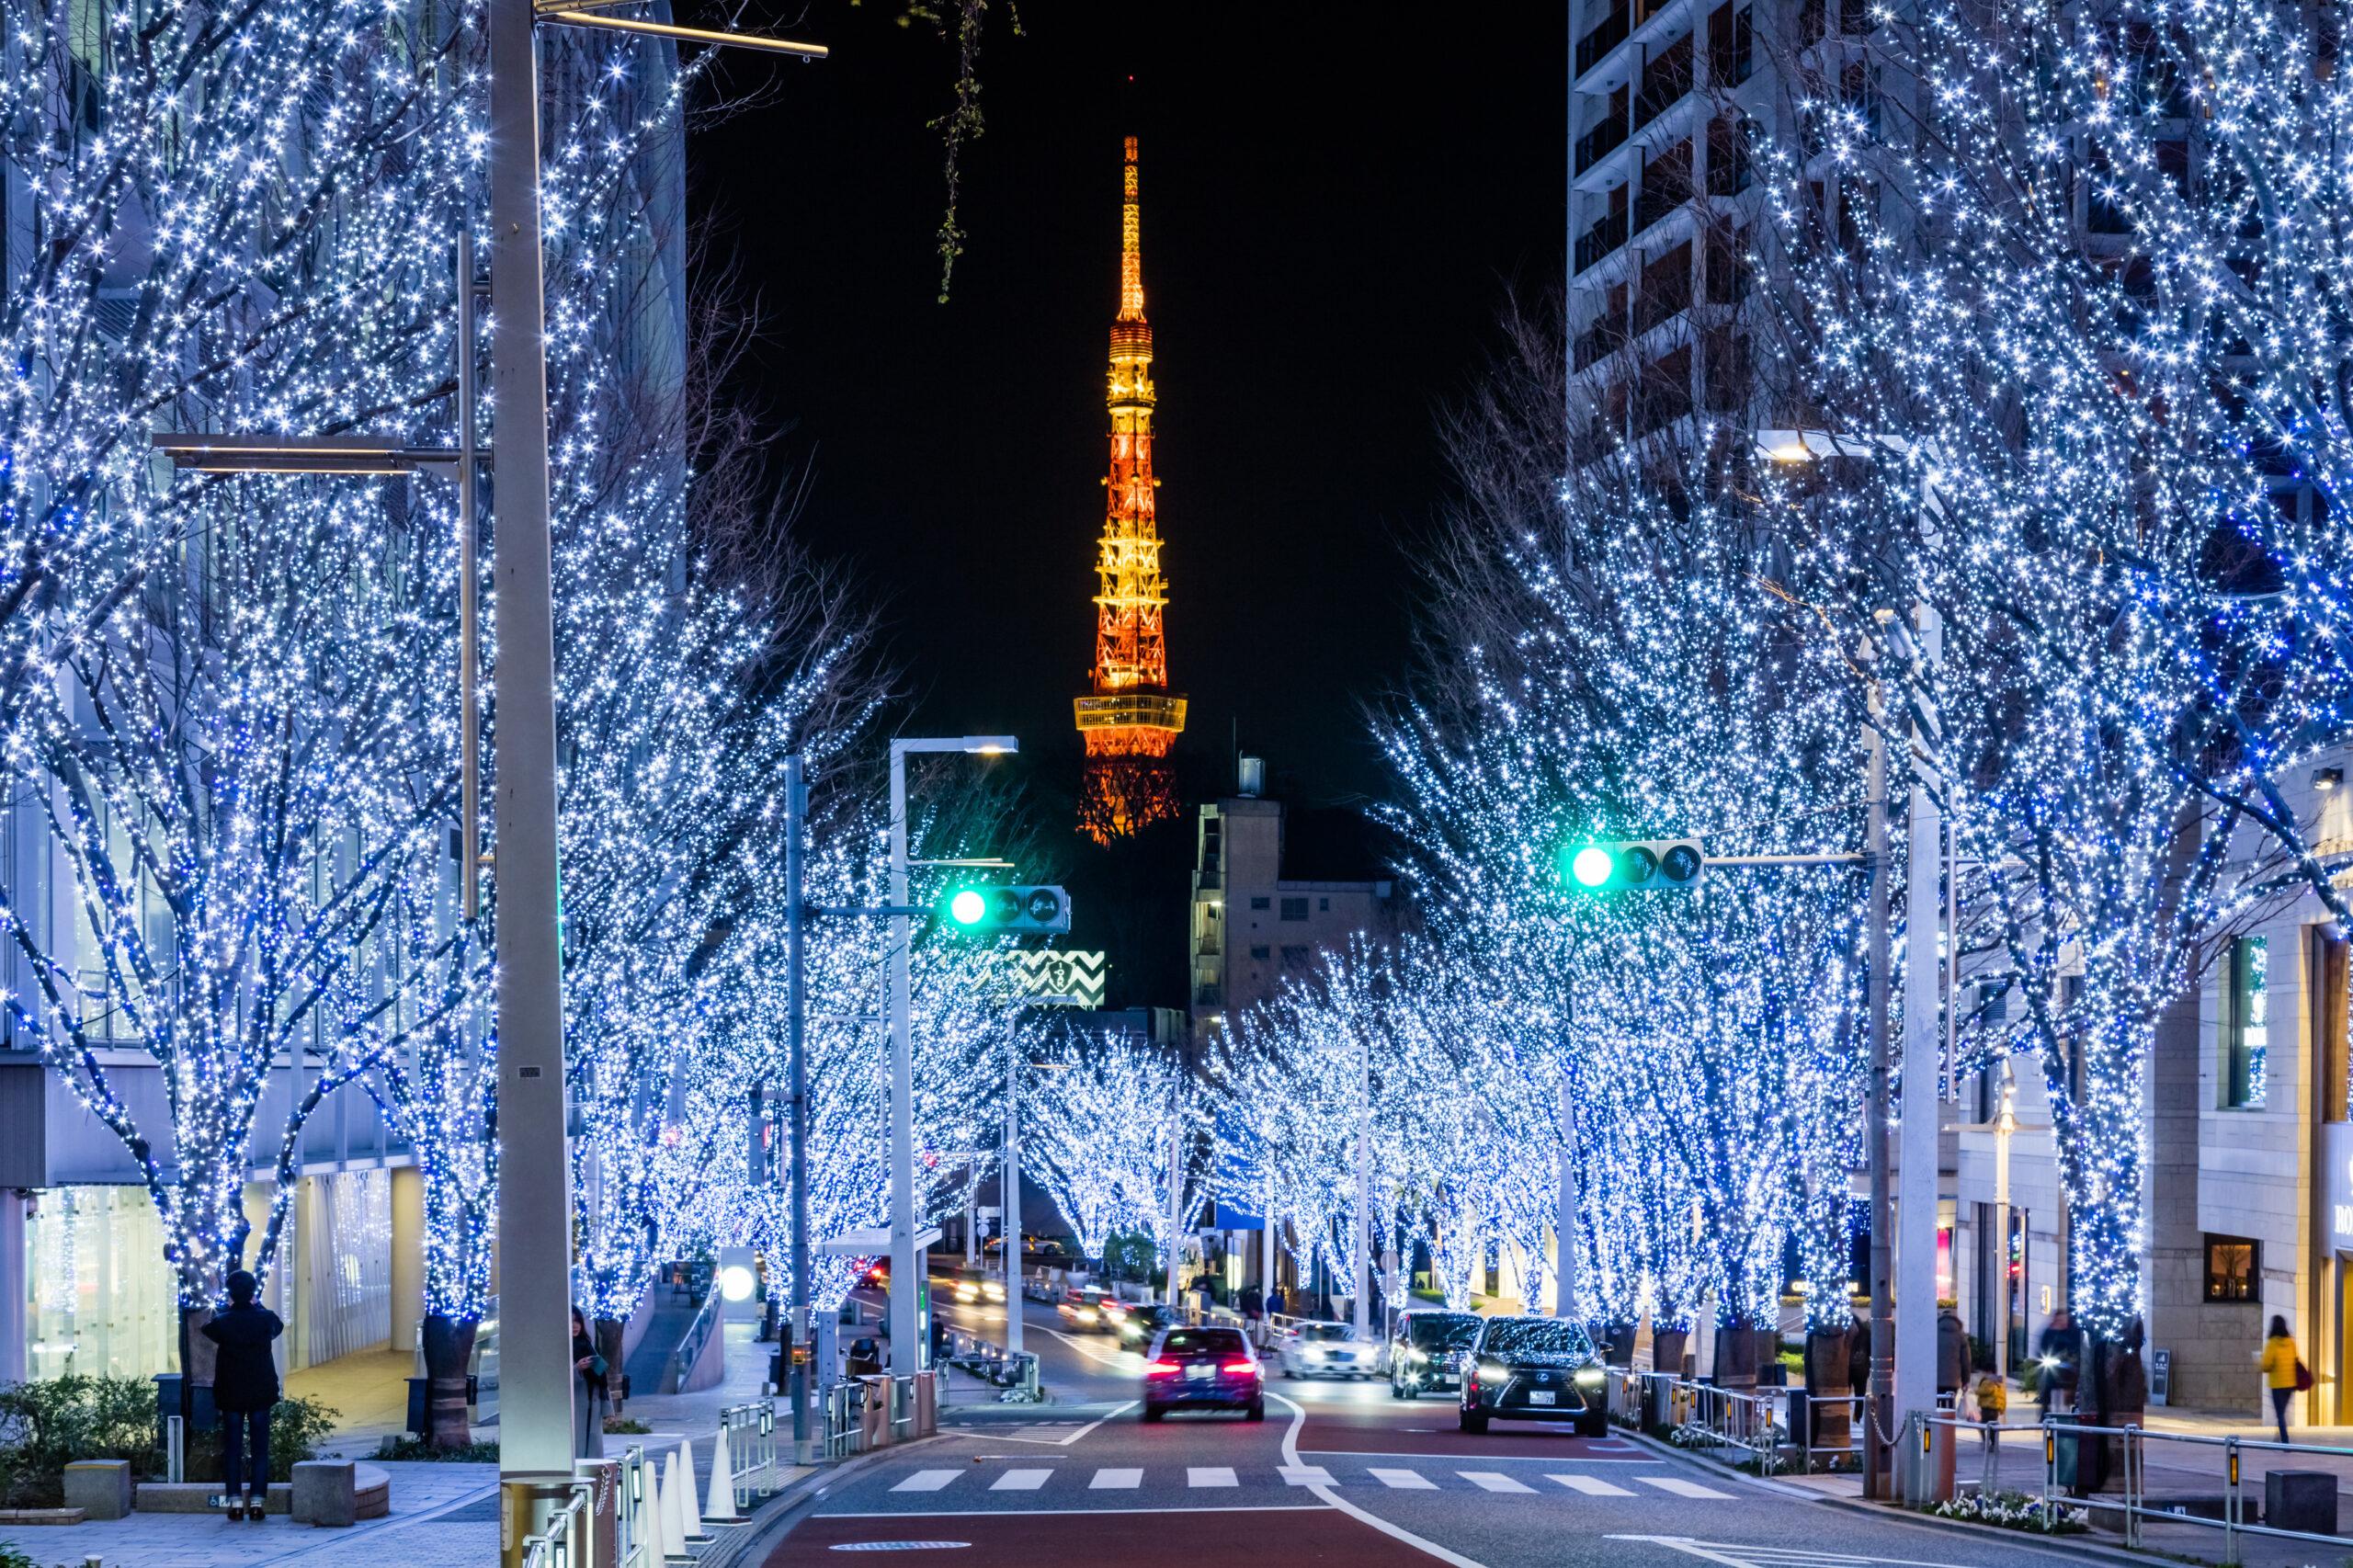 2021年の「六本木ヒルズ けやき坂イルミネーション」は11月上旬から12月25日(土)に開催